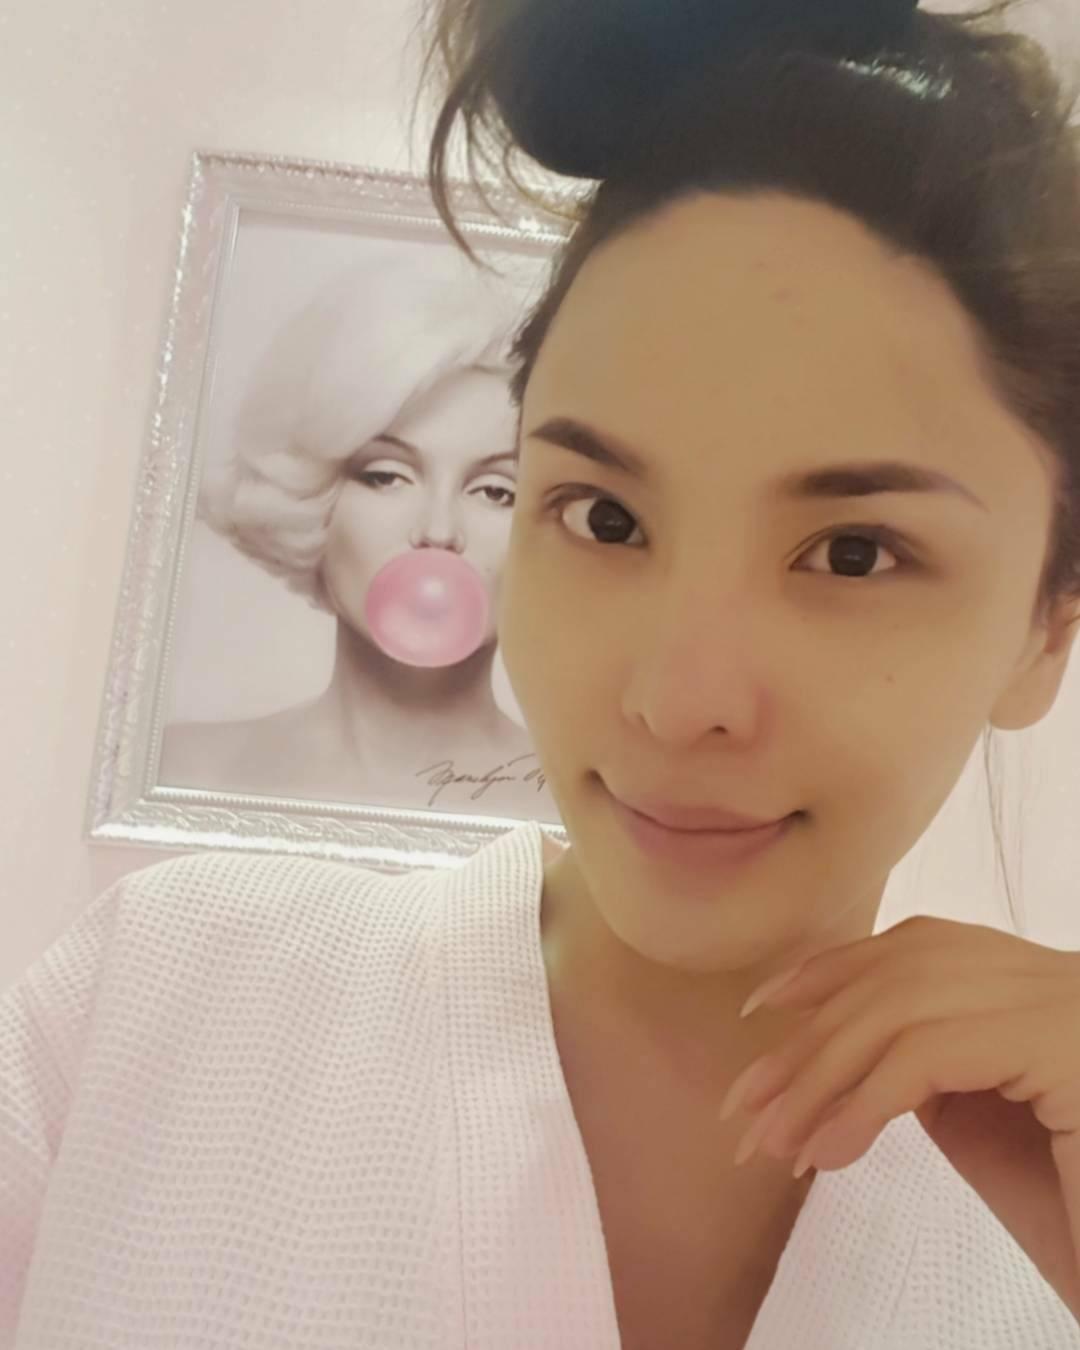 Chiêm ngưỡng nhan sắc không phấn son của dàn thí sinh Hoa hậu chuyển giới Quốc tế - Ảnh 15.